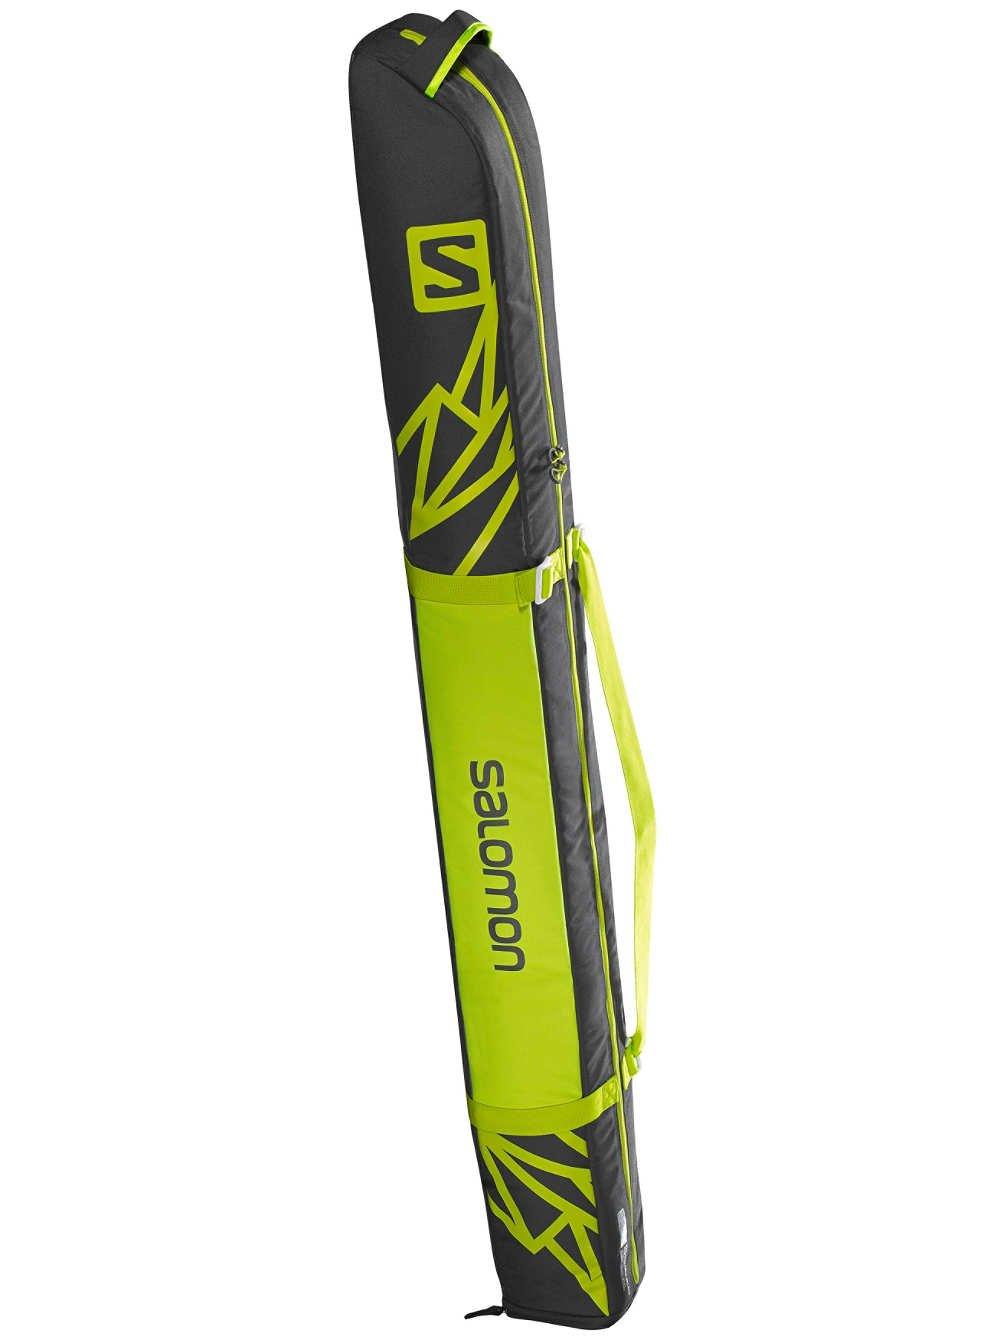 Salomon Ski Tasche Extend 1P Pad 165+20 Skibag Ski Tasche